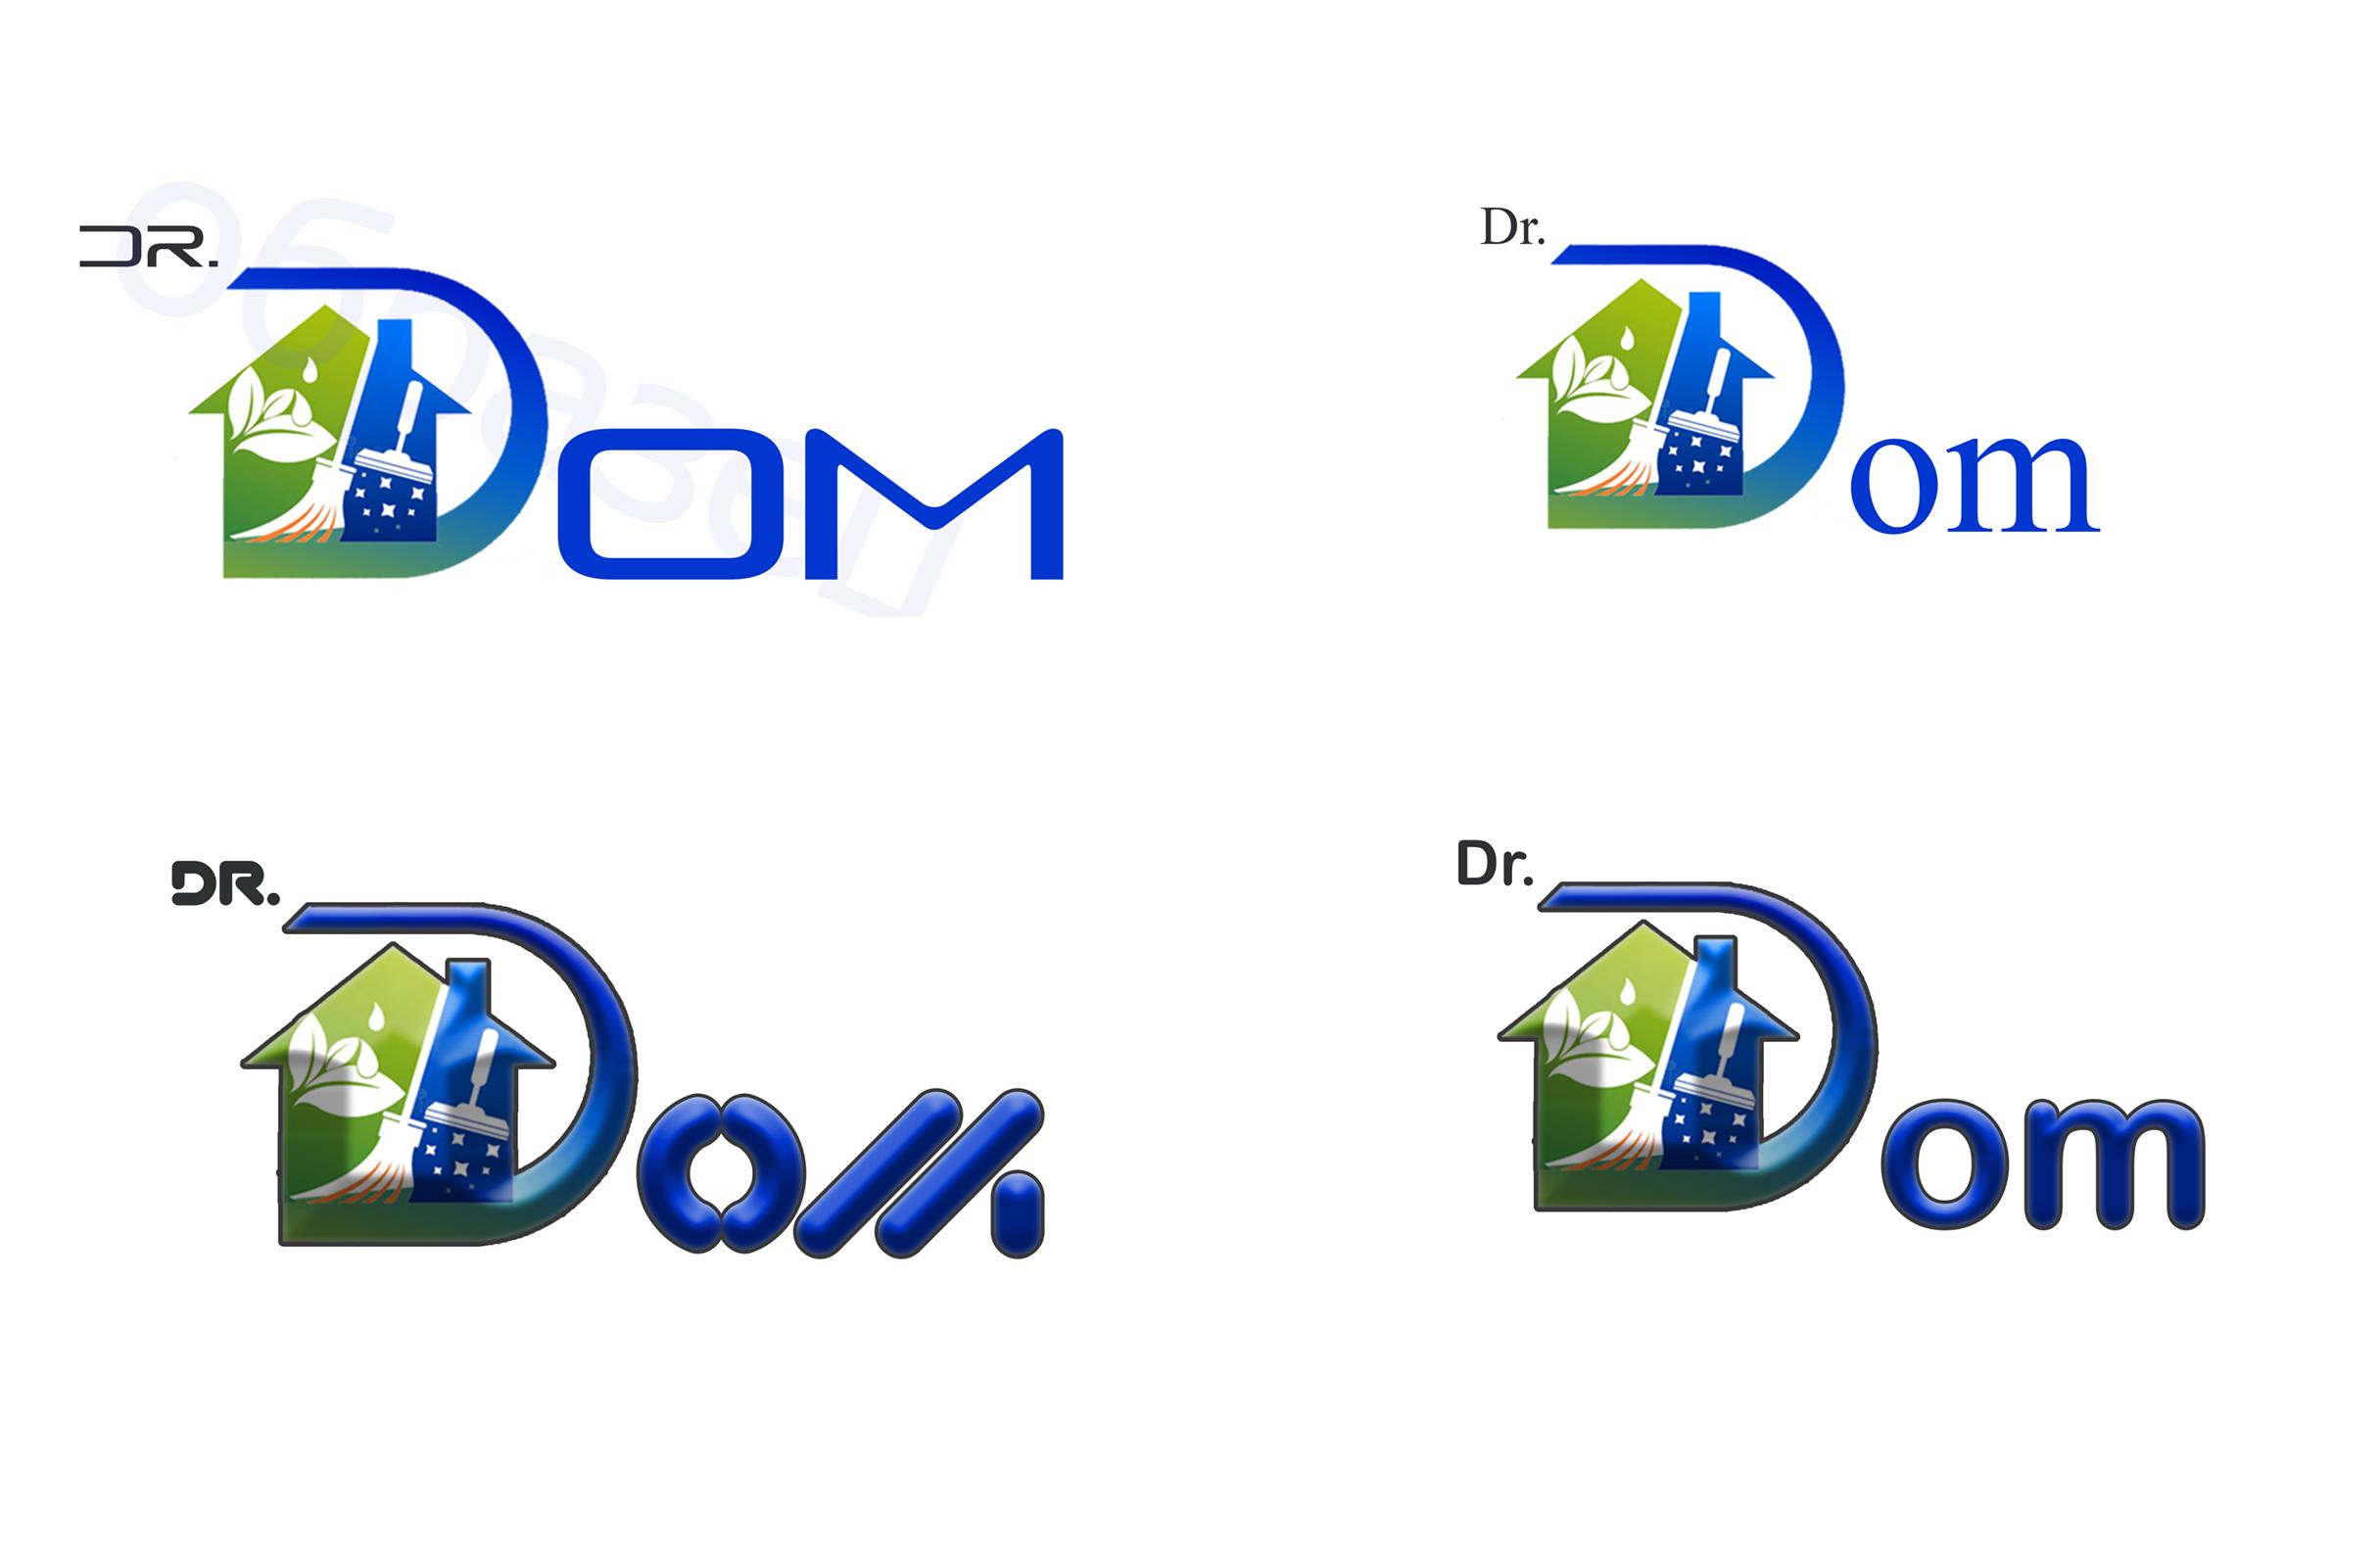 Разработать логотип для сети магазинов бытовой химии и товаров для уборки фото f_5835ffeacb0c5ba4.jpg